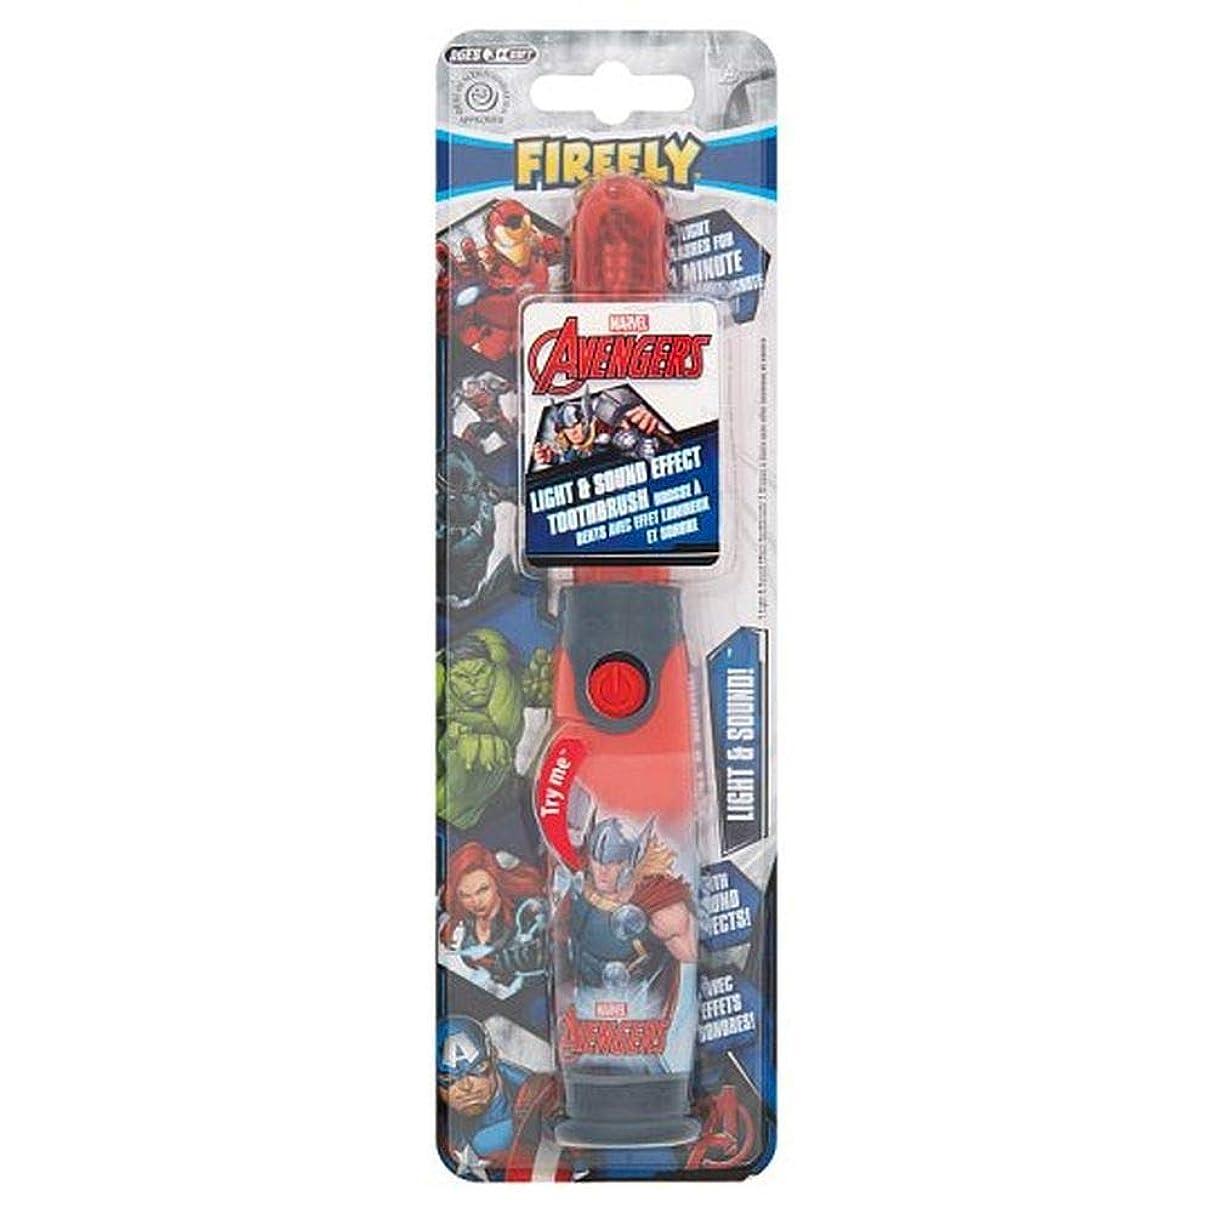 災難アマチュア算術[Firefly ] アベンジャーズホタルの光と音の歯ブラシ - Avengers Firefly Light And Sound Toothbrush [並行輸入品]